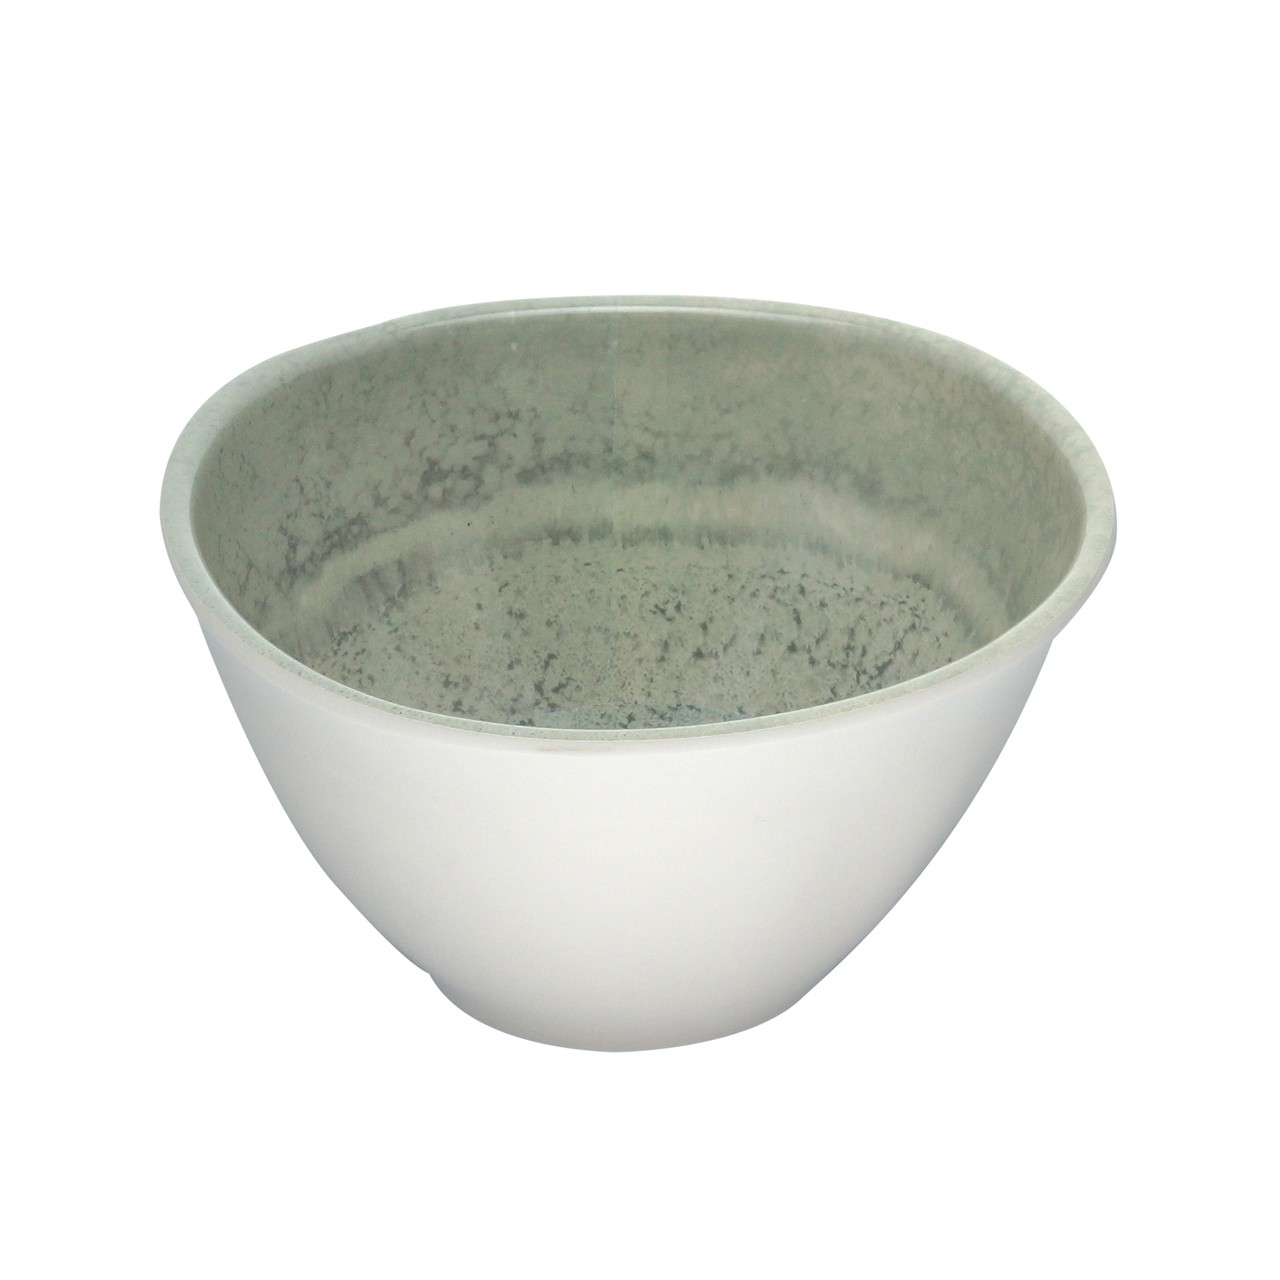 Bowl Melamina Aqua Cinza - 15cm